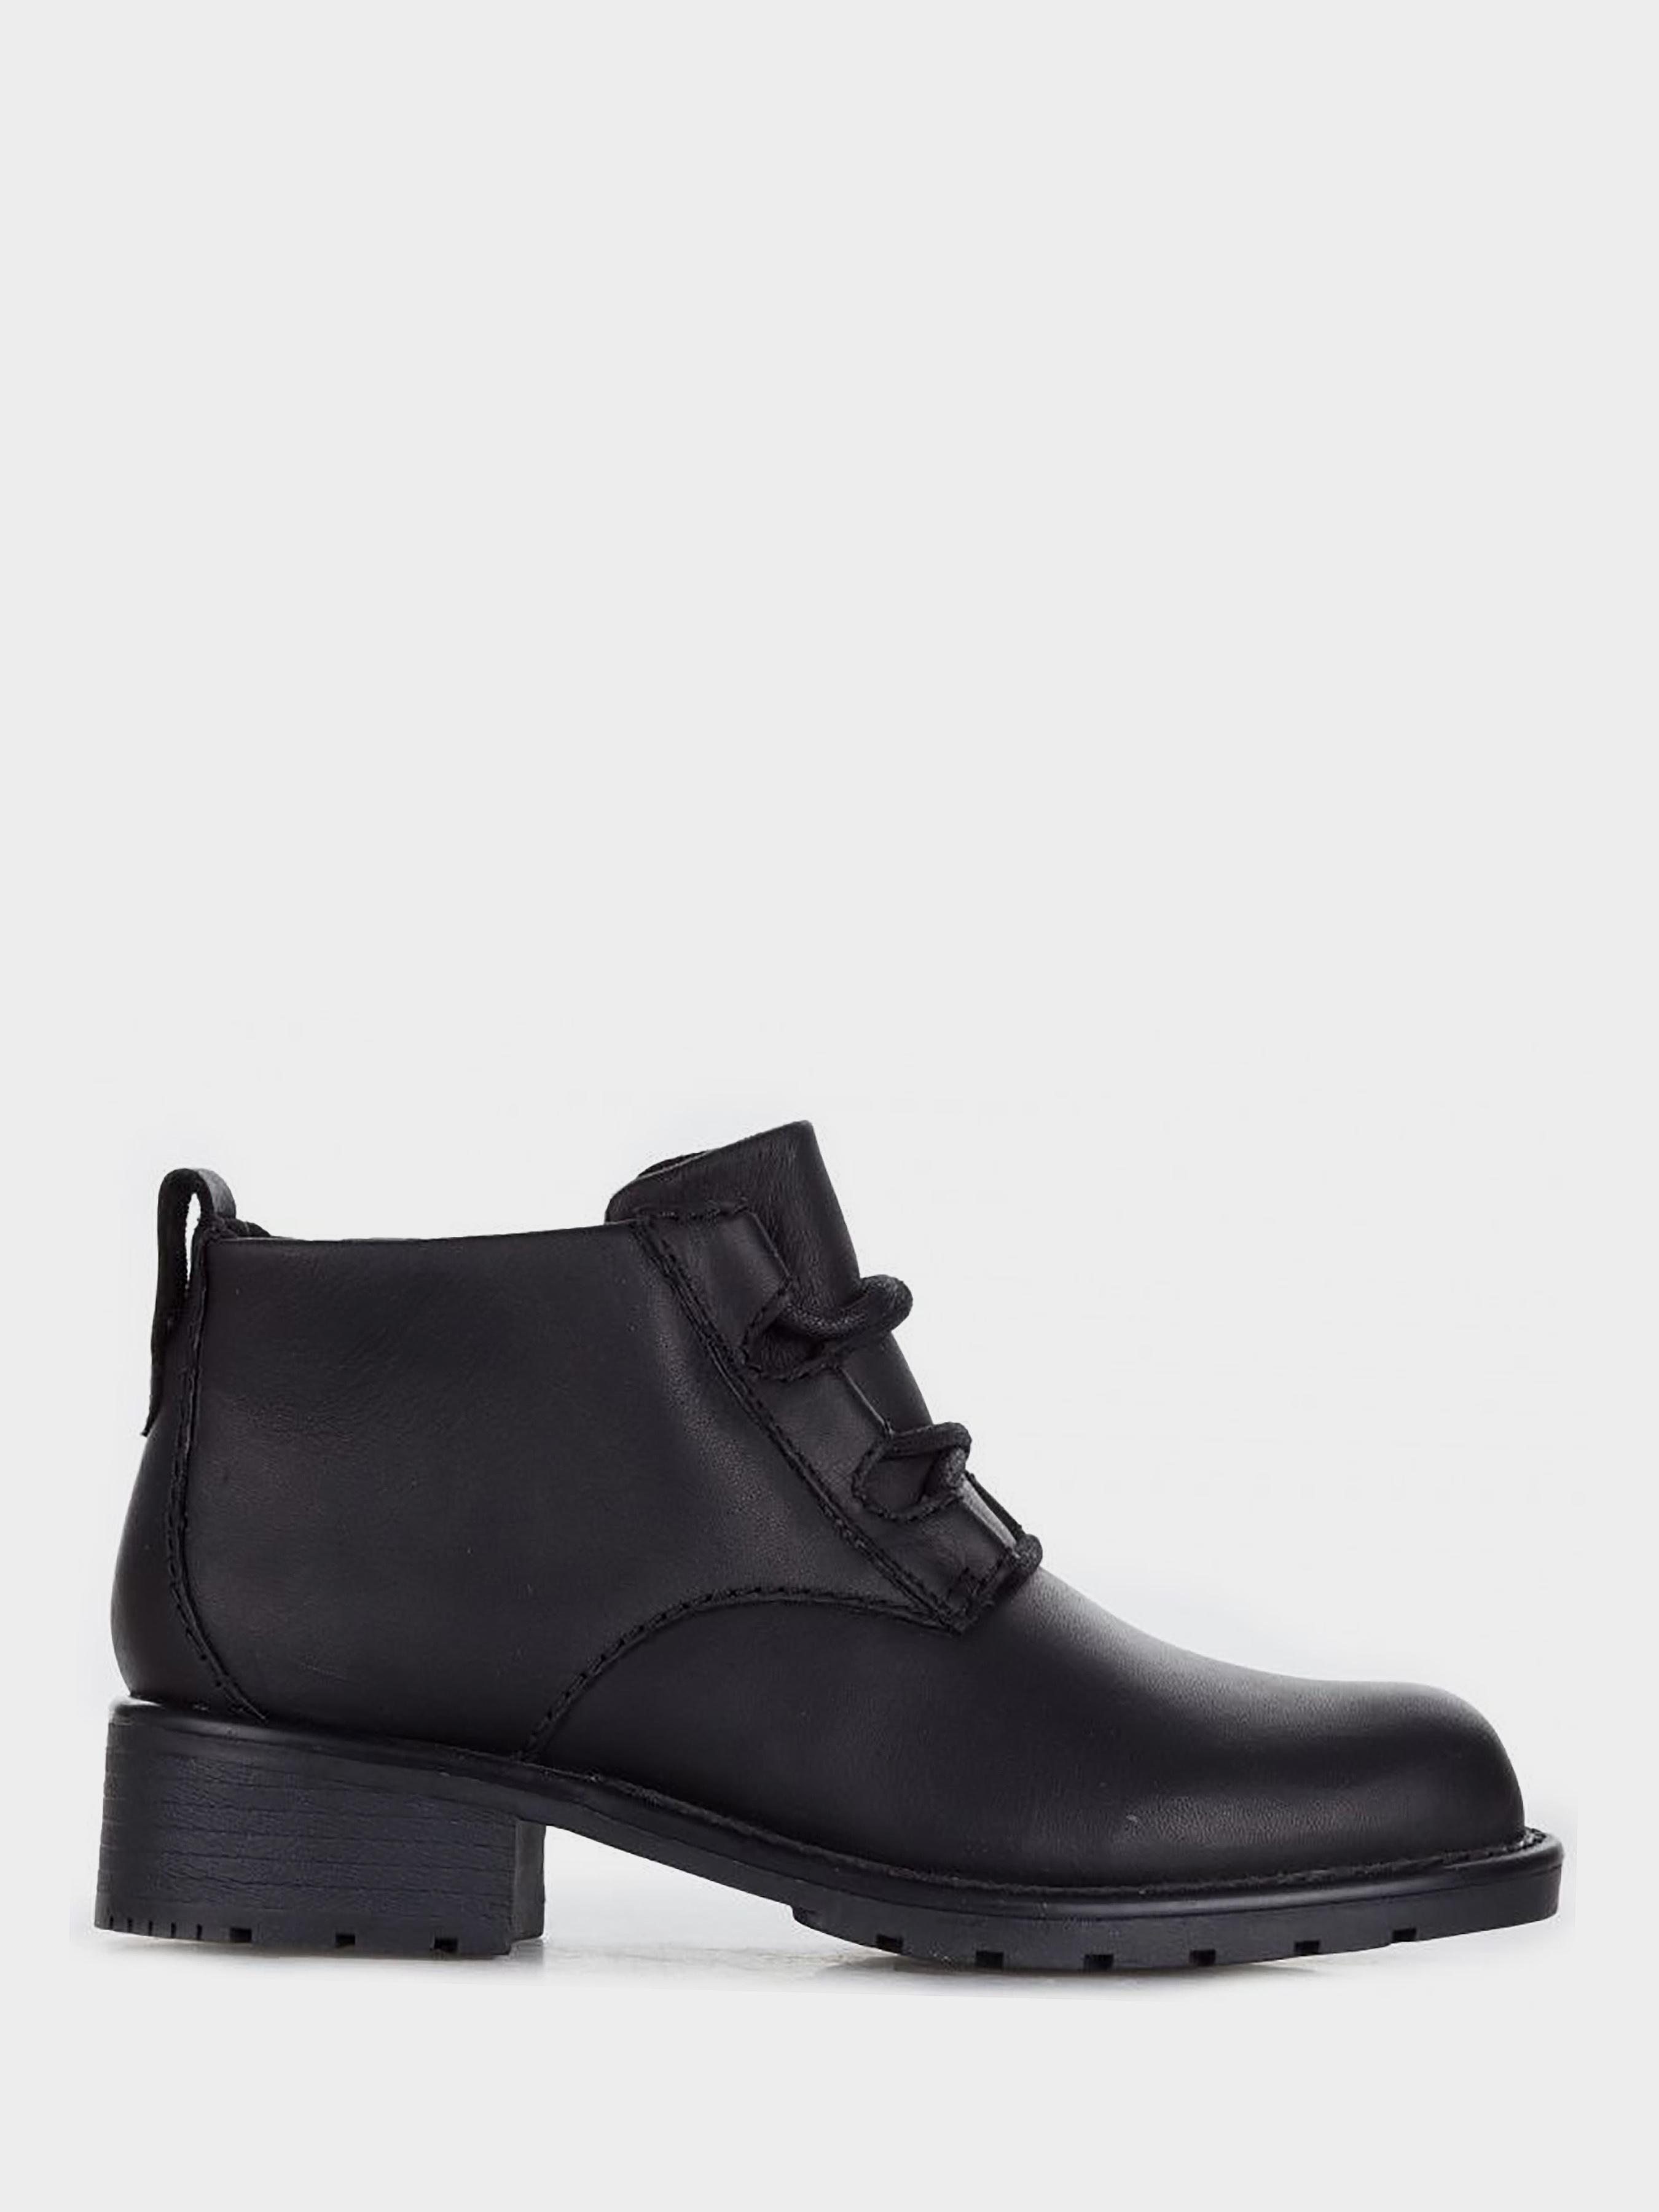 Купить Ботинки женские Clarks Orinoco Oaks OW4252, Черный